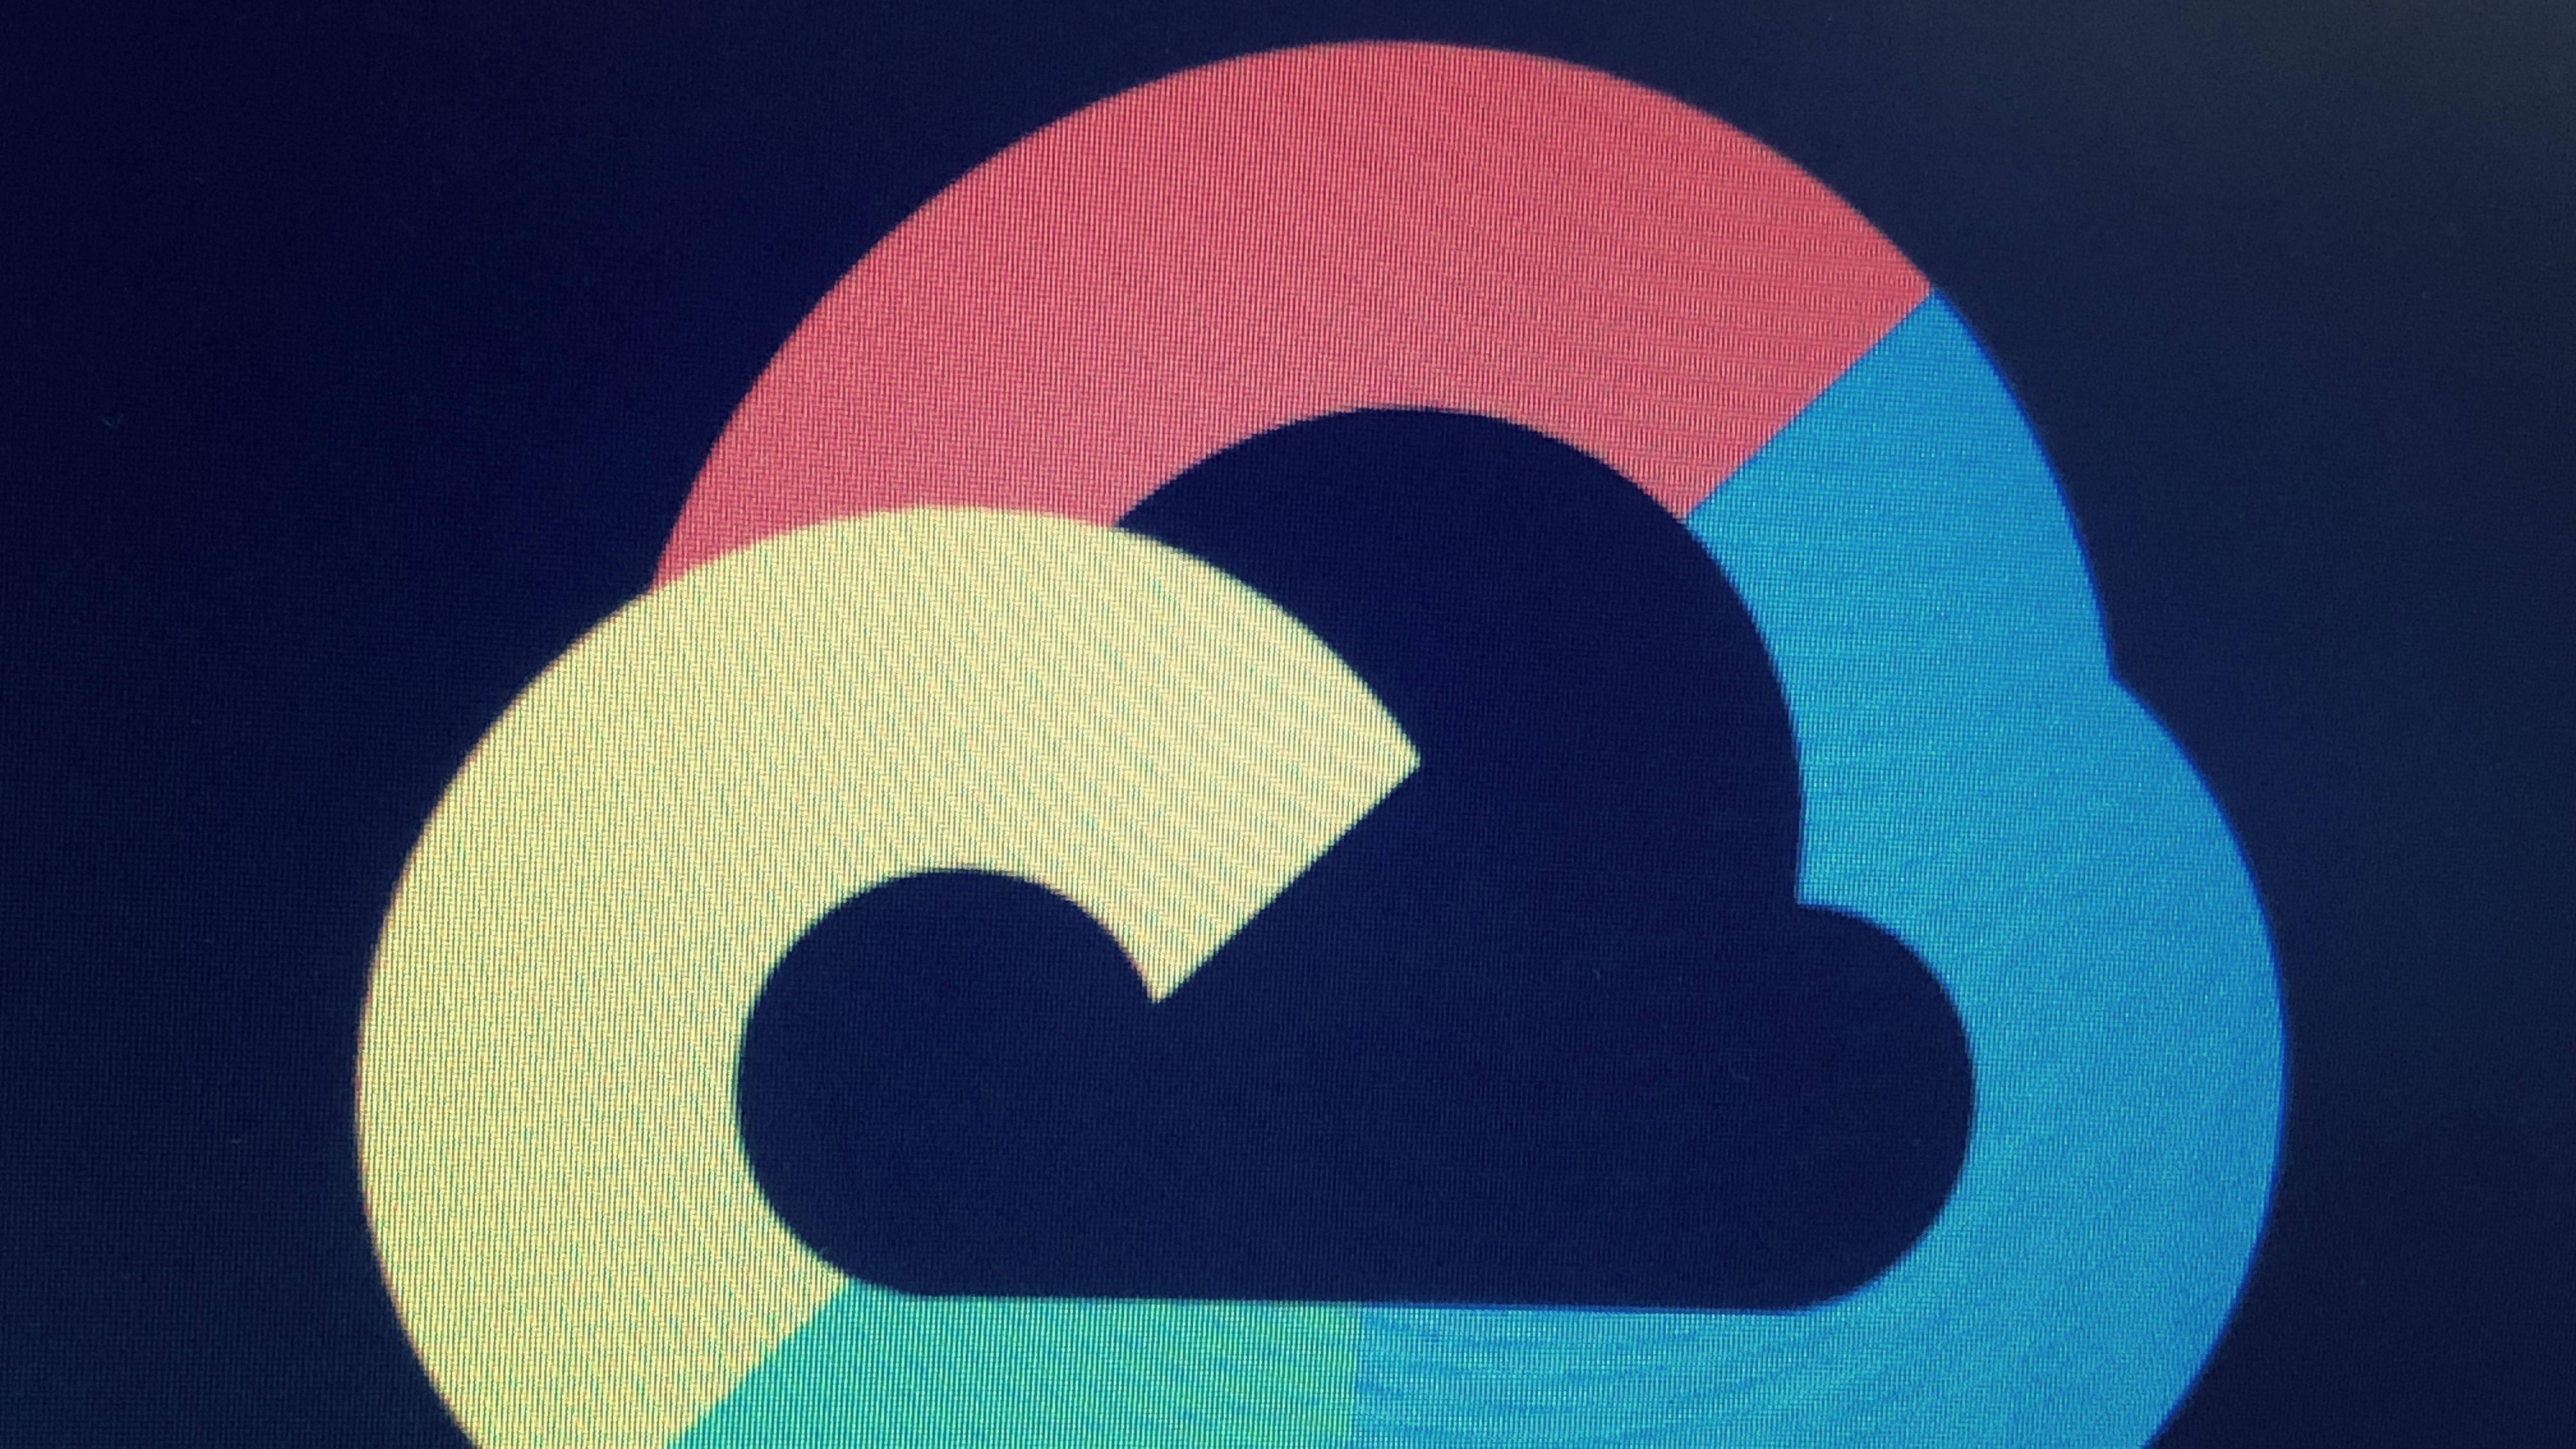 Ingeniero de Google: 'La nube, aunque falle, siempre va a ser más segura'